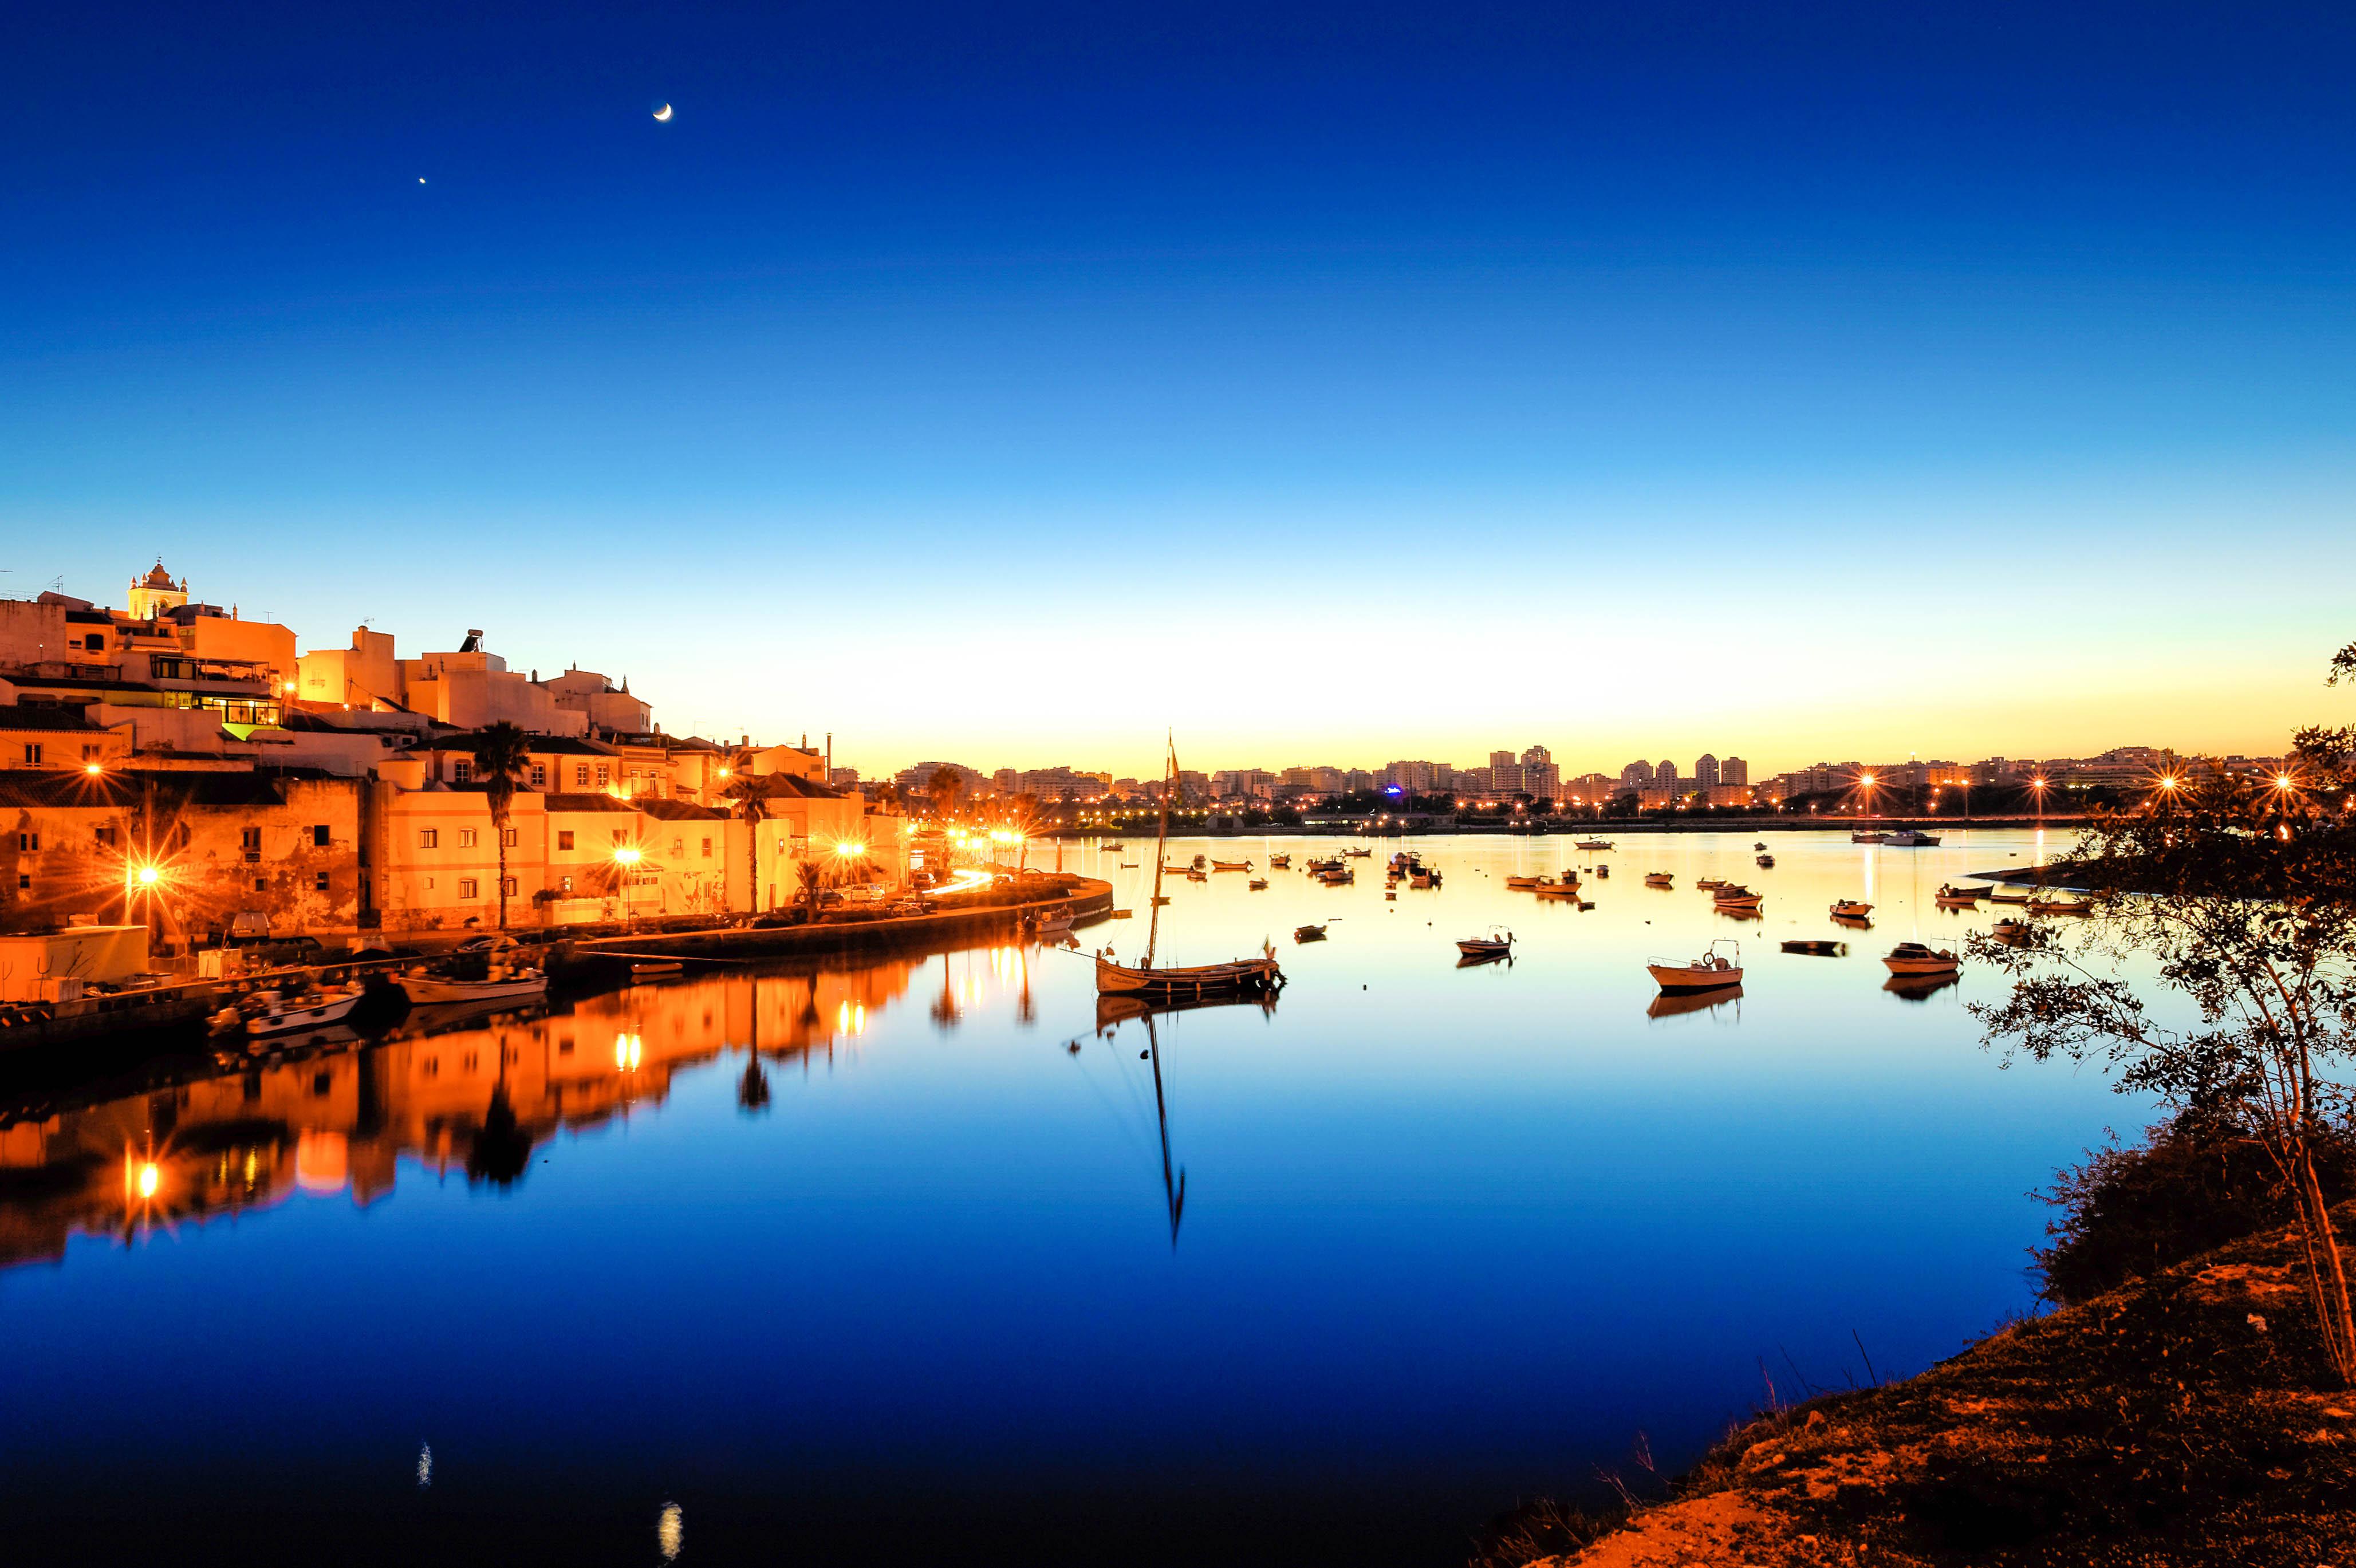 #00308B22239672 De Prachtige Algarve Holidayguru.nl Meest effectief Luxe Vakantie Portugal 3705 behang 411427383705 afbeeldingen